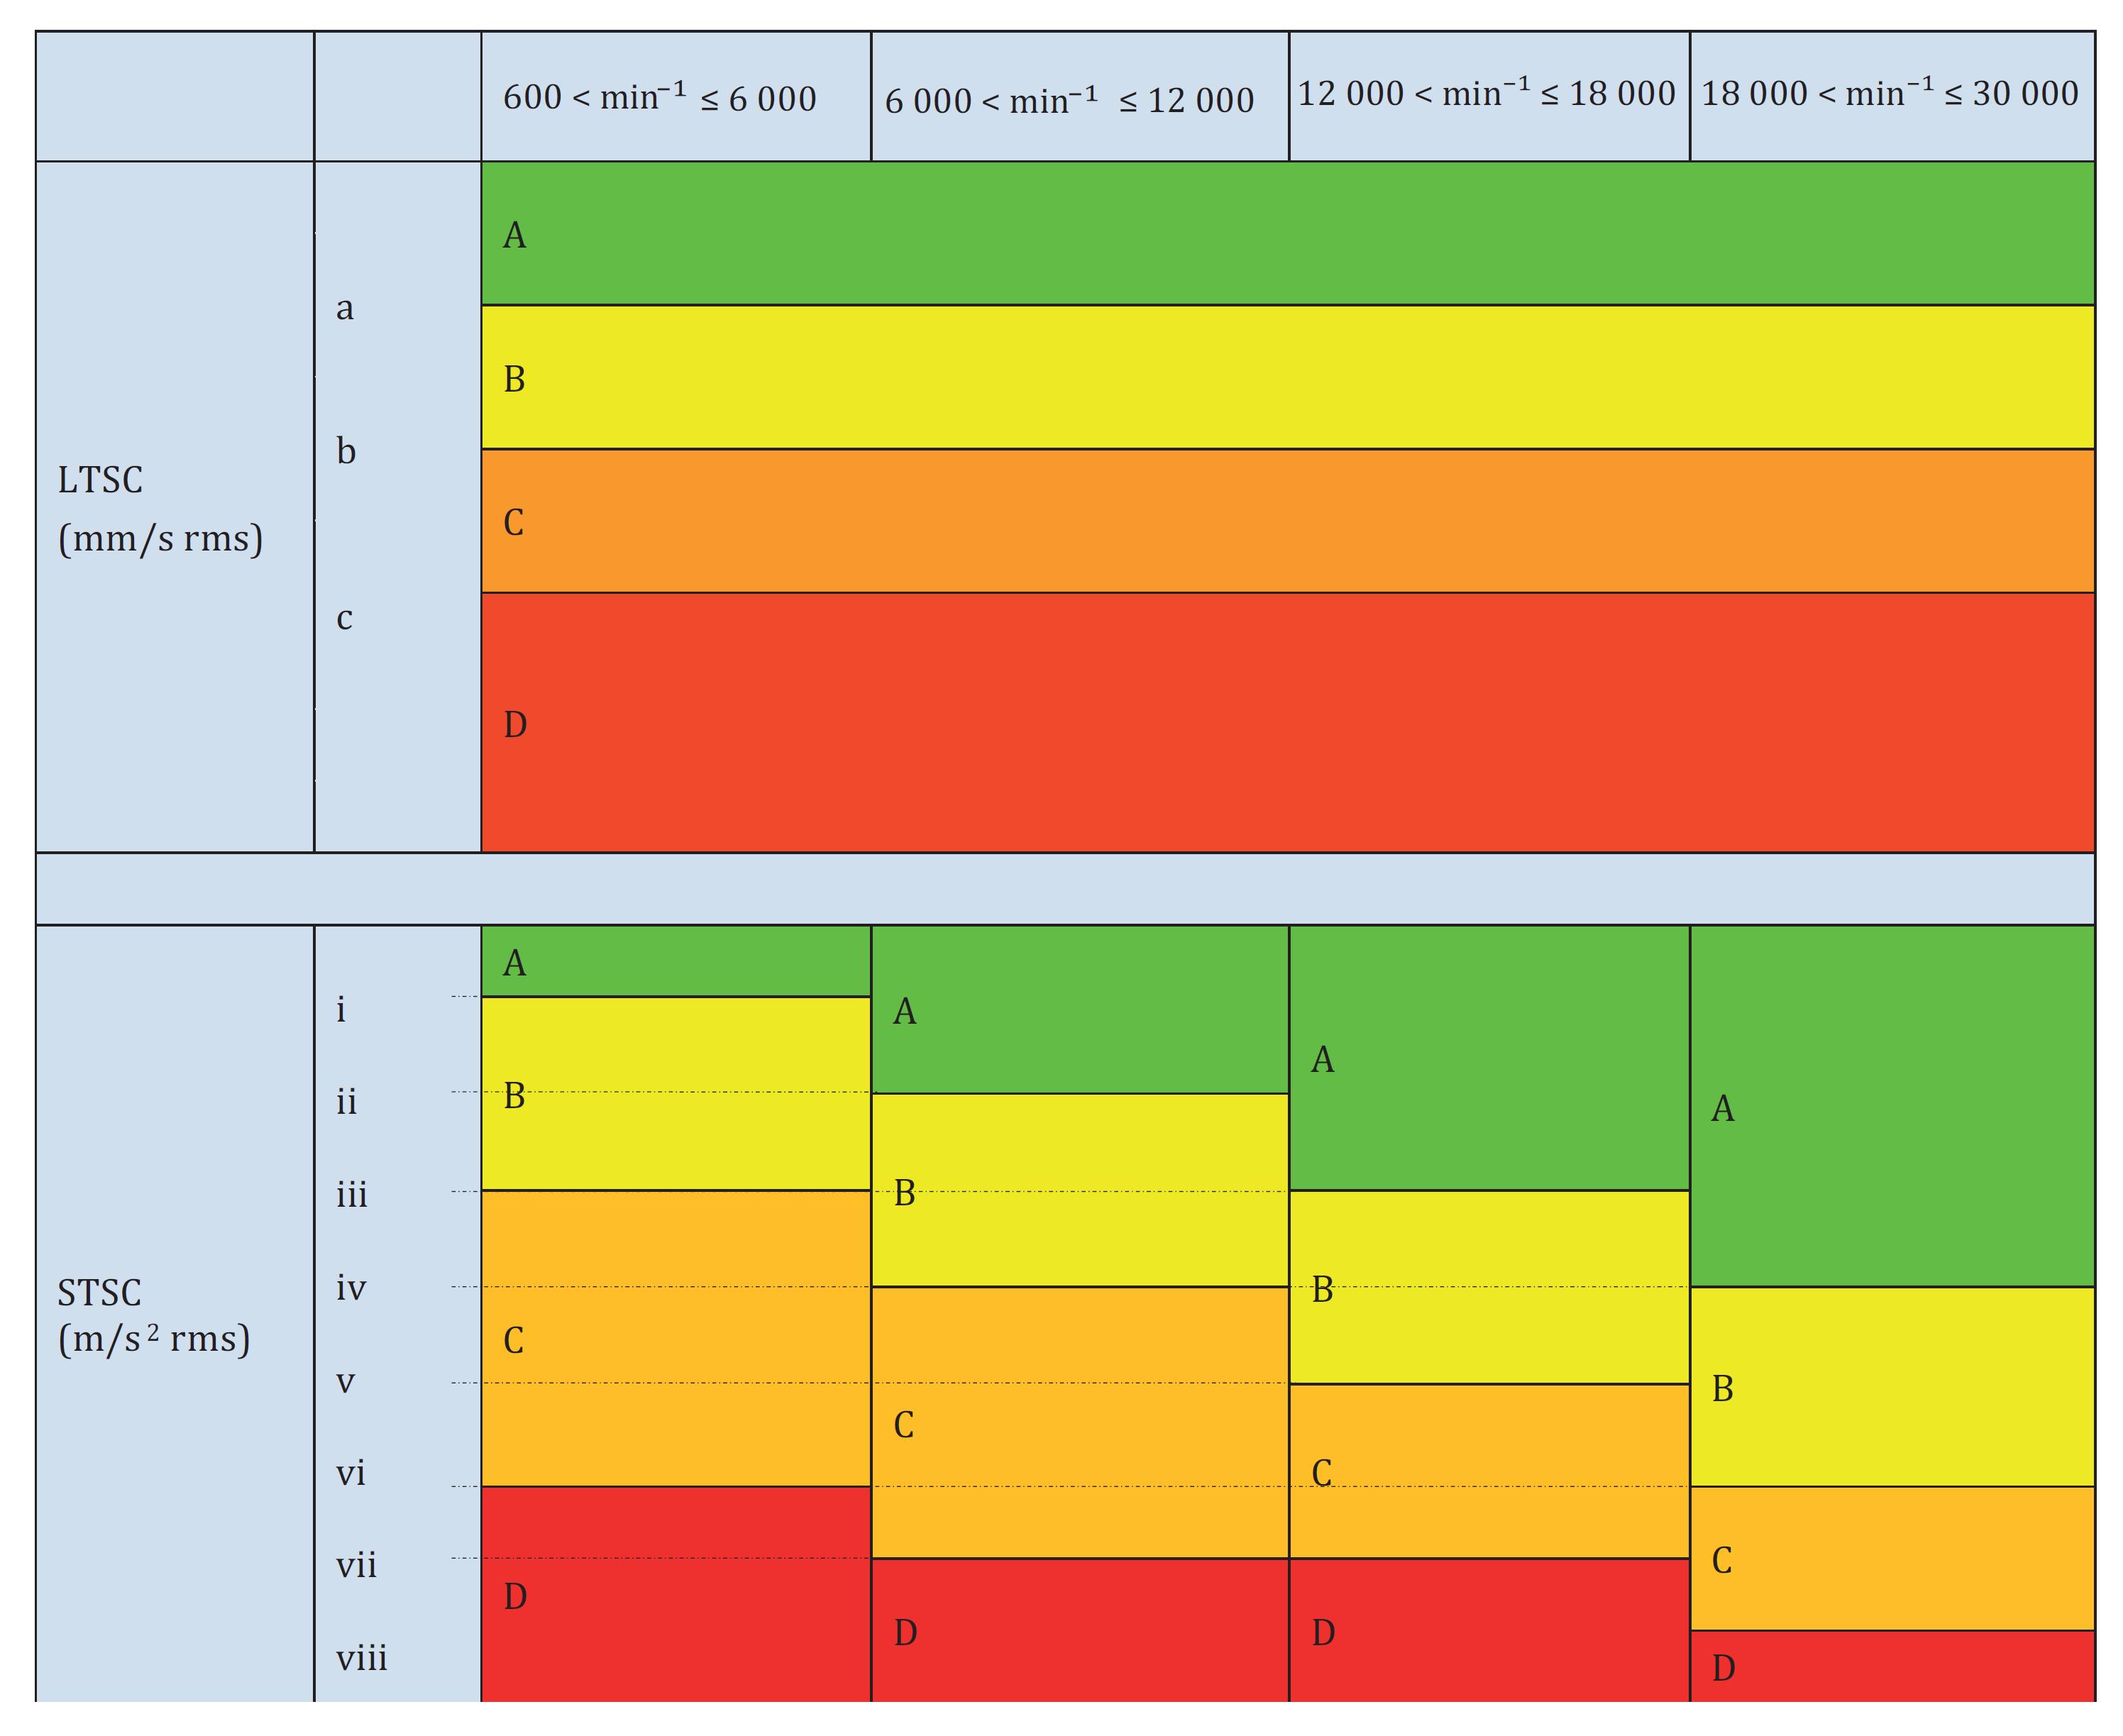 شکل 13: نمونهای از دستهبندی اسپیندلها بر اساس سرعت بیشینه کارکرد آنها